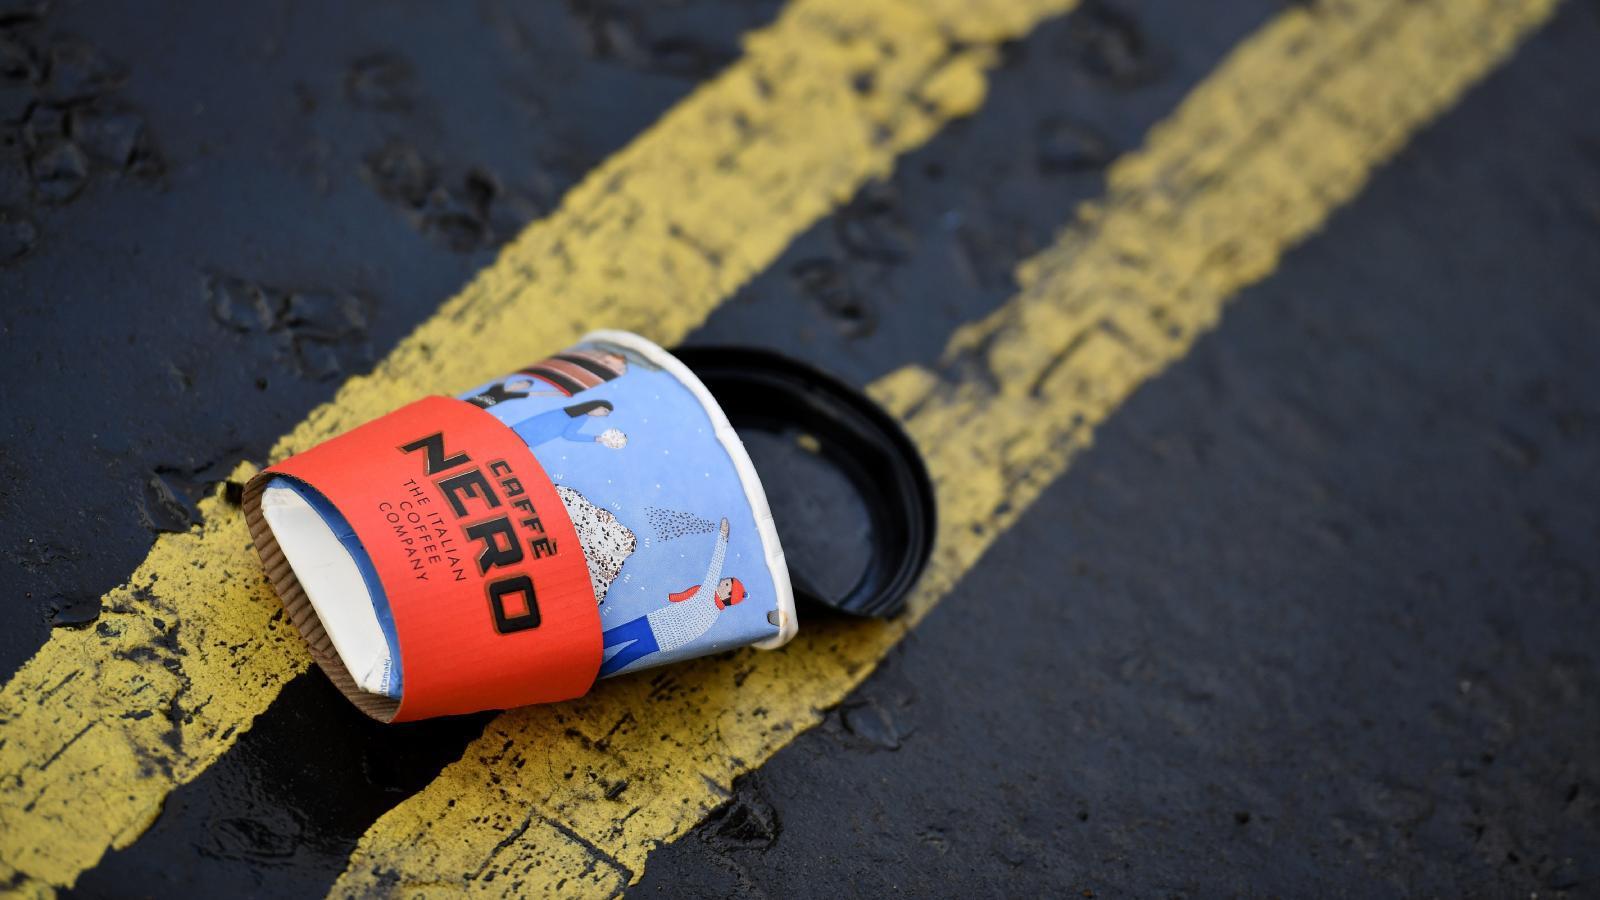 บริษัทอังกฤษไอเดียบรรเจิด  ใช้ขยะพลาสติกถึงขั้นไล่ออก